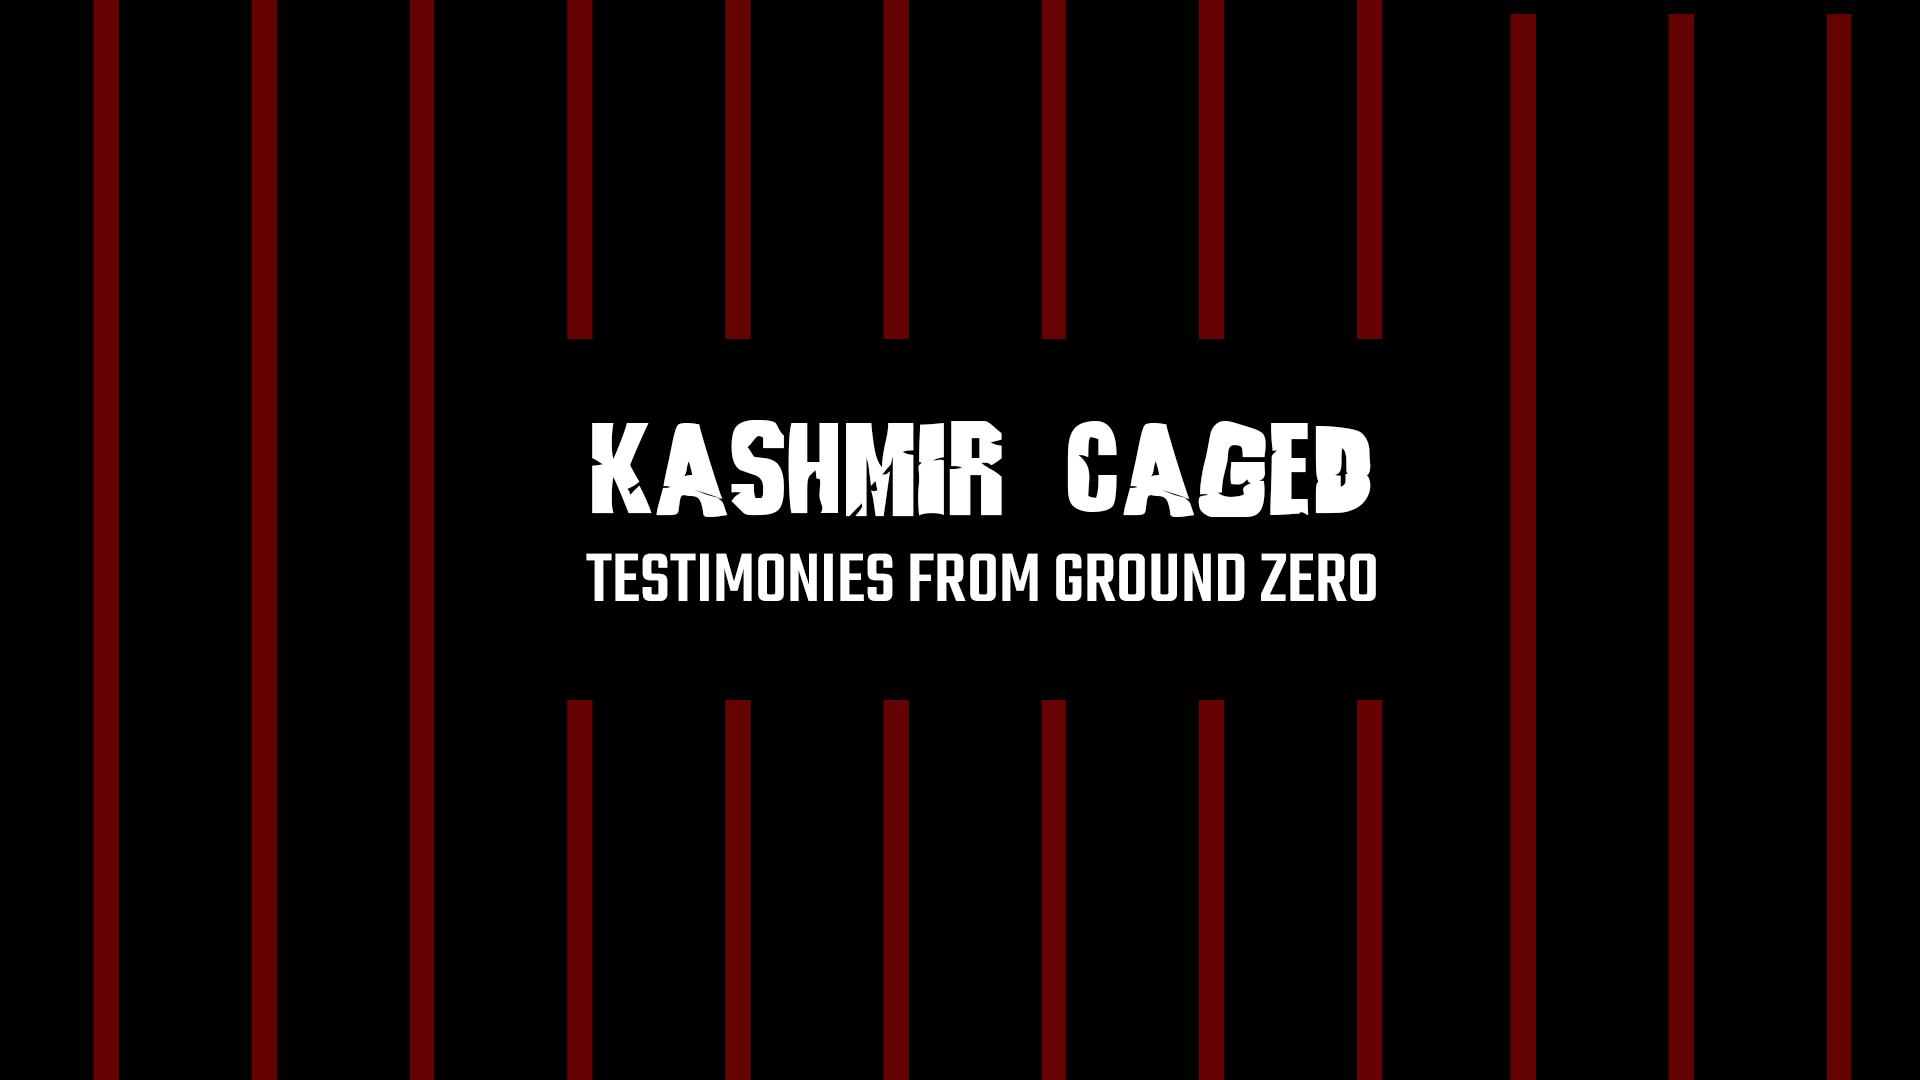 Kashmir Caged_Testimonies from Ground Zero